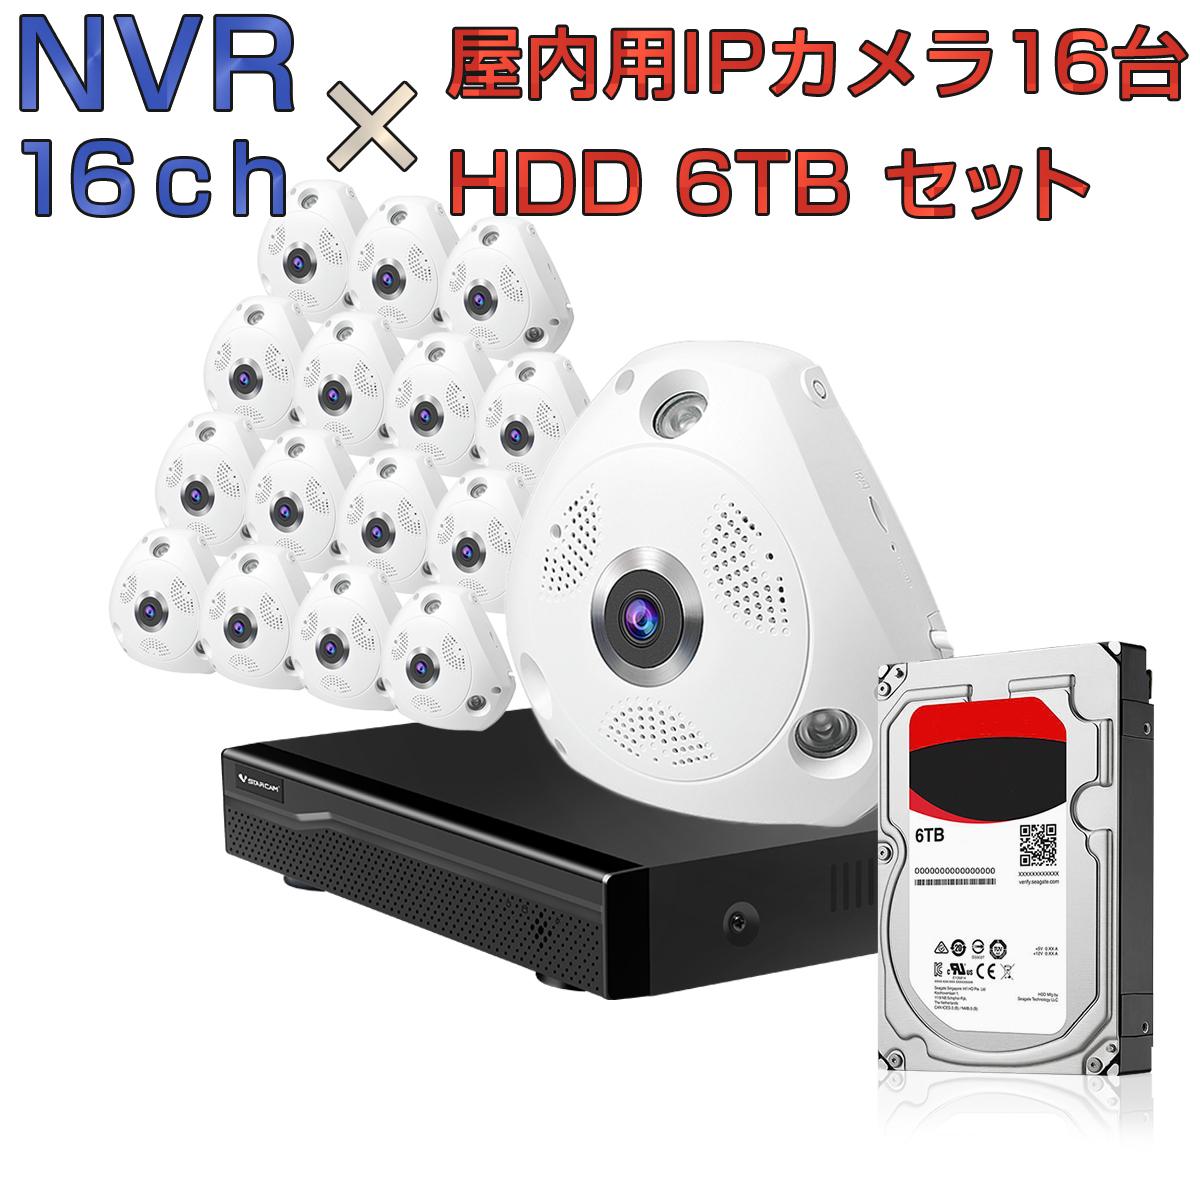 NVR ネットワークビデオレコーダー 16ch HDD6TB内蔵 C61S 2K 1080P 200万画素カメラ 16台セット IP ONVIF形式 スマホ対応 遠隔監視 1080P FHD 動体検知 同時出力 録音対応 H.265+ IPカメラレコーダー監視システム 宅配便送料無料 1年保証